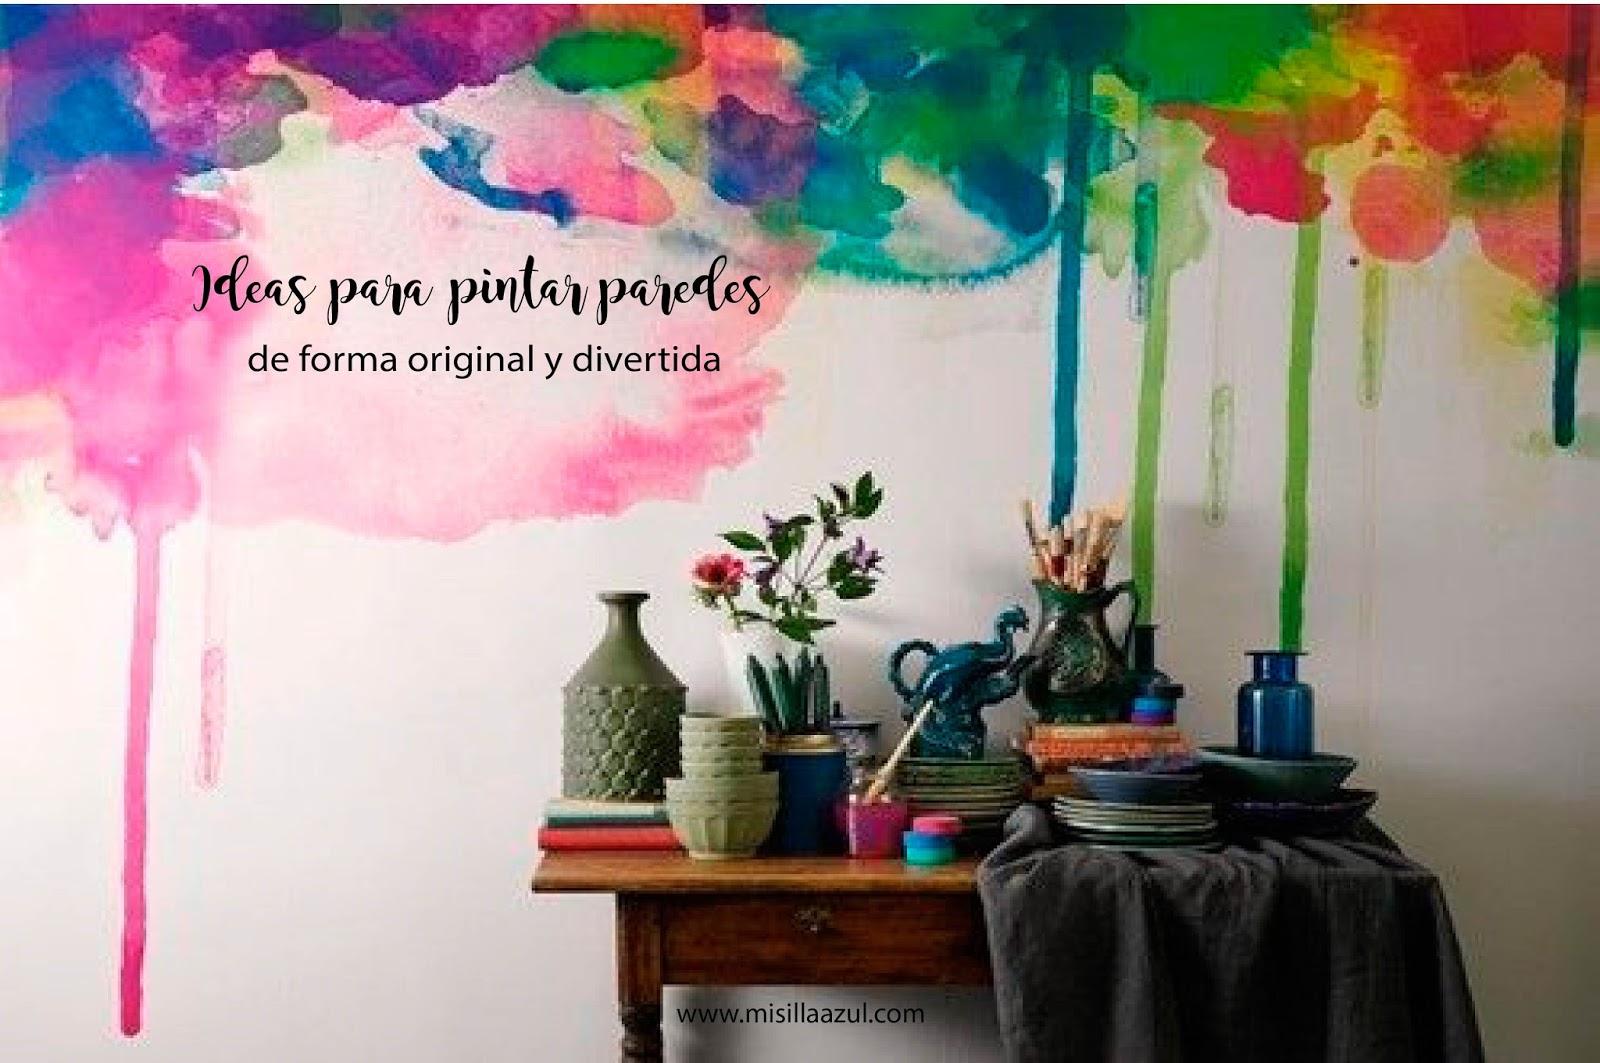 Ideas para pintar paredes  DIARIODECO